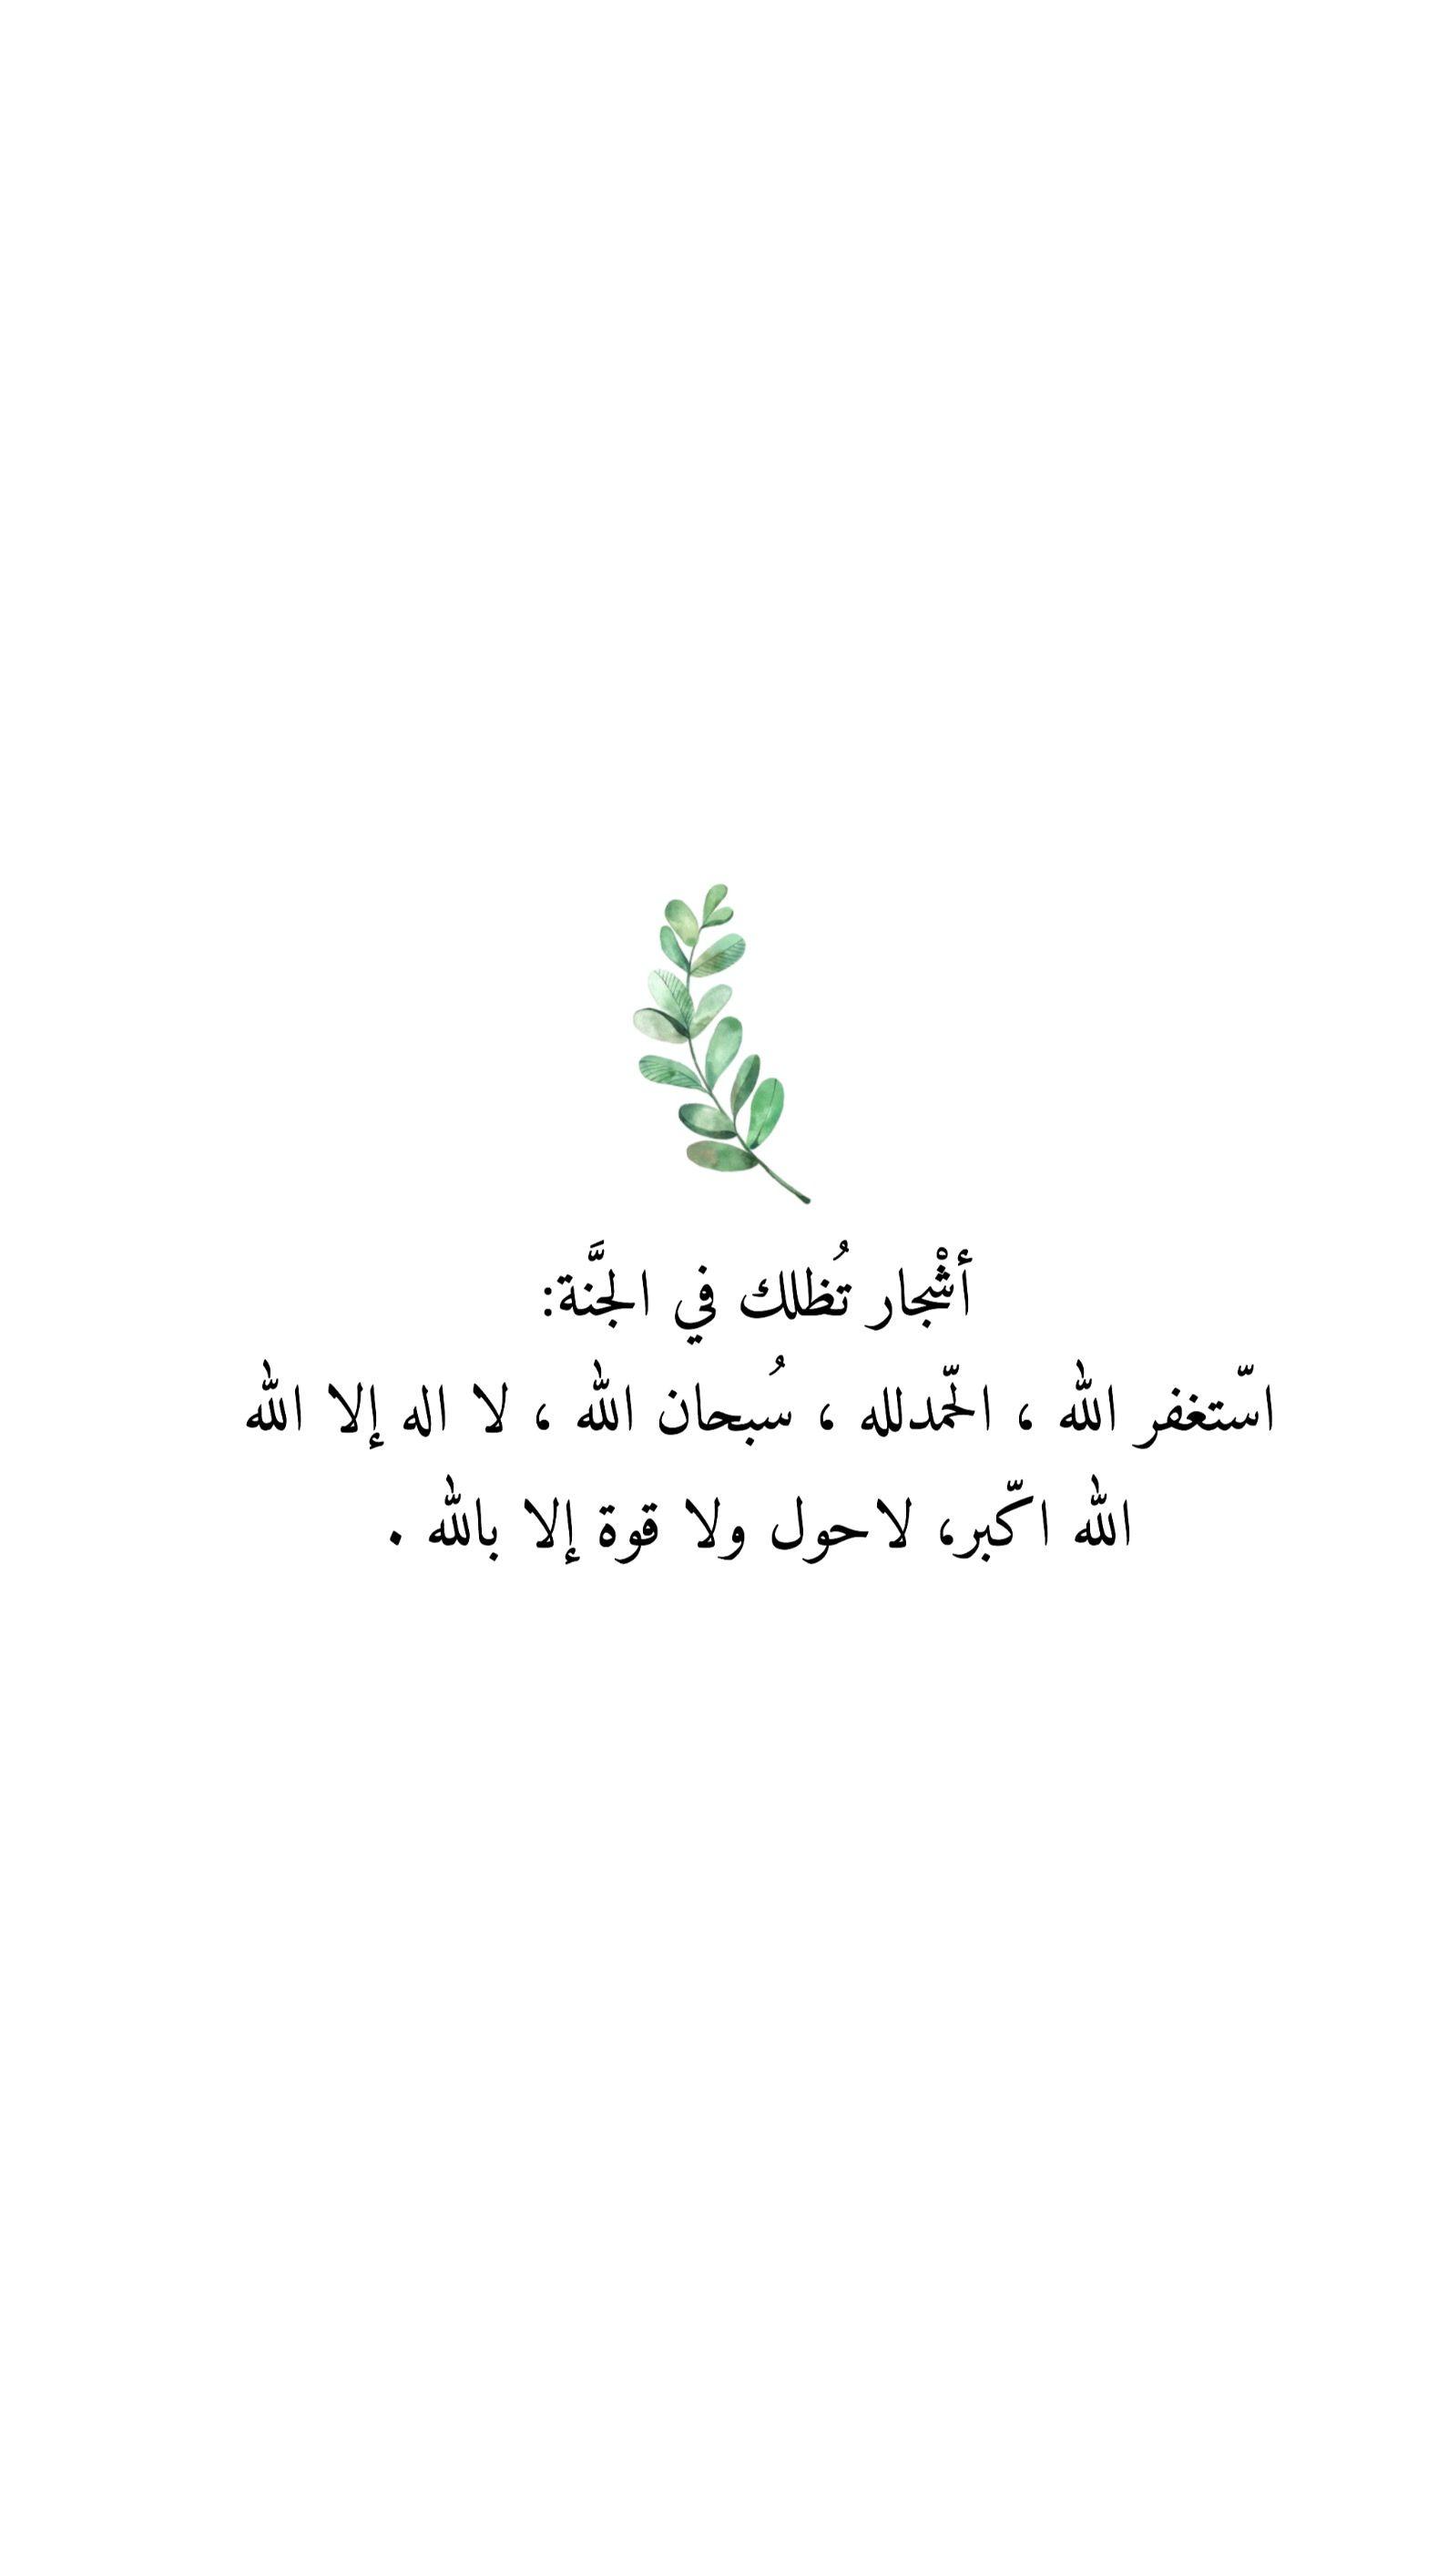 الباقيات الباقيات الصالحات سبحان الله الحمدلله استغفرالله الله اكبر لا اله الا الله In 2020 Quran Quotes Quran Quotes Inspirational Wise Words Quotes